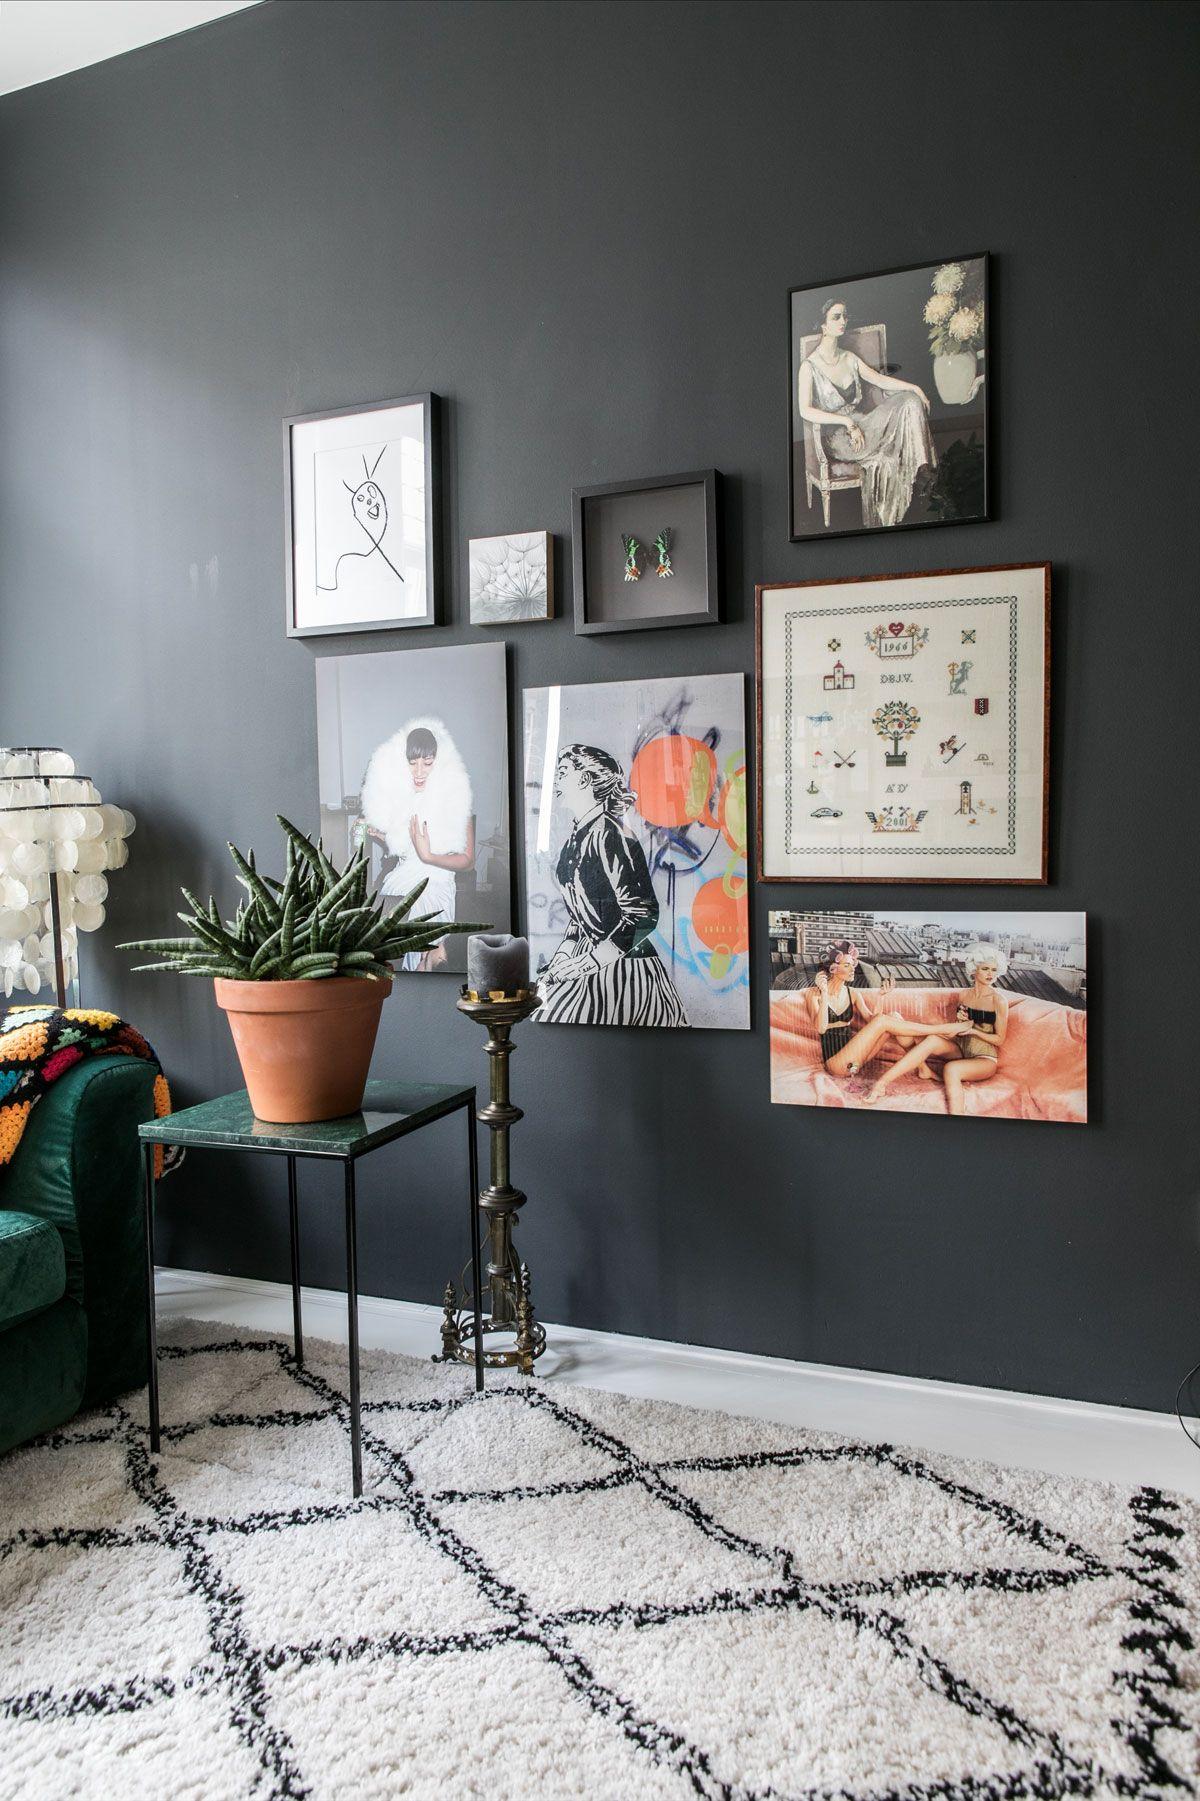 kleurrijk interieur de zwarte muren vormen een mooie tegenhanger in het warme kleurenpalet van daantje the black walls are the opposite of the warm